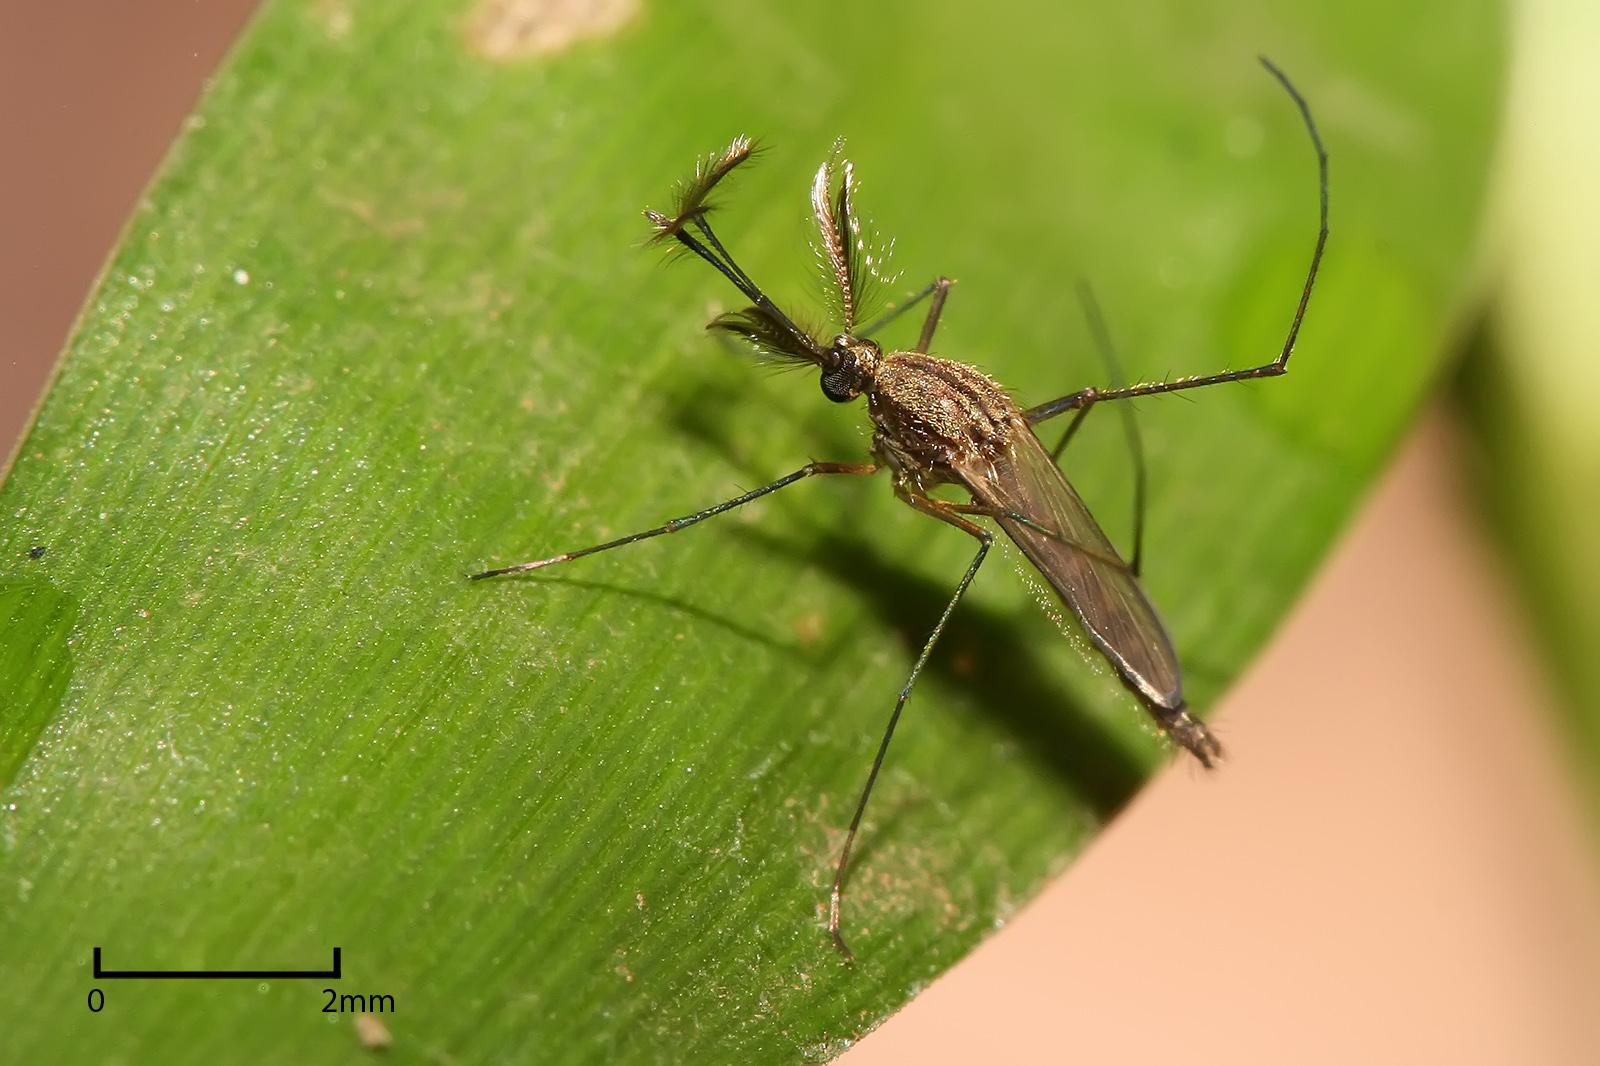 Виды комаров в картинках какие советы